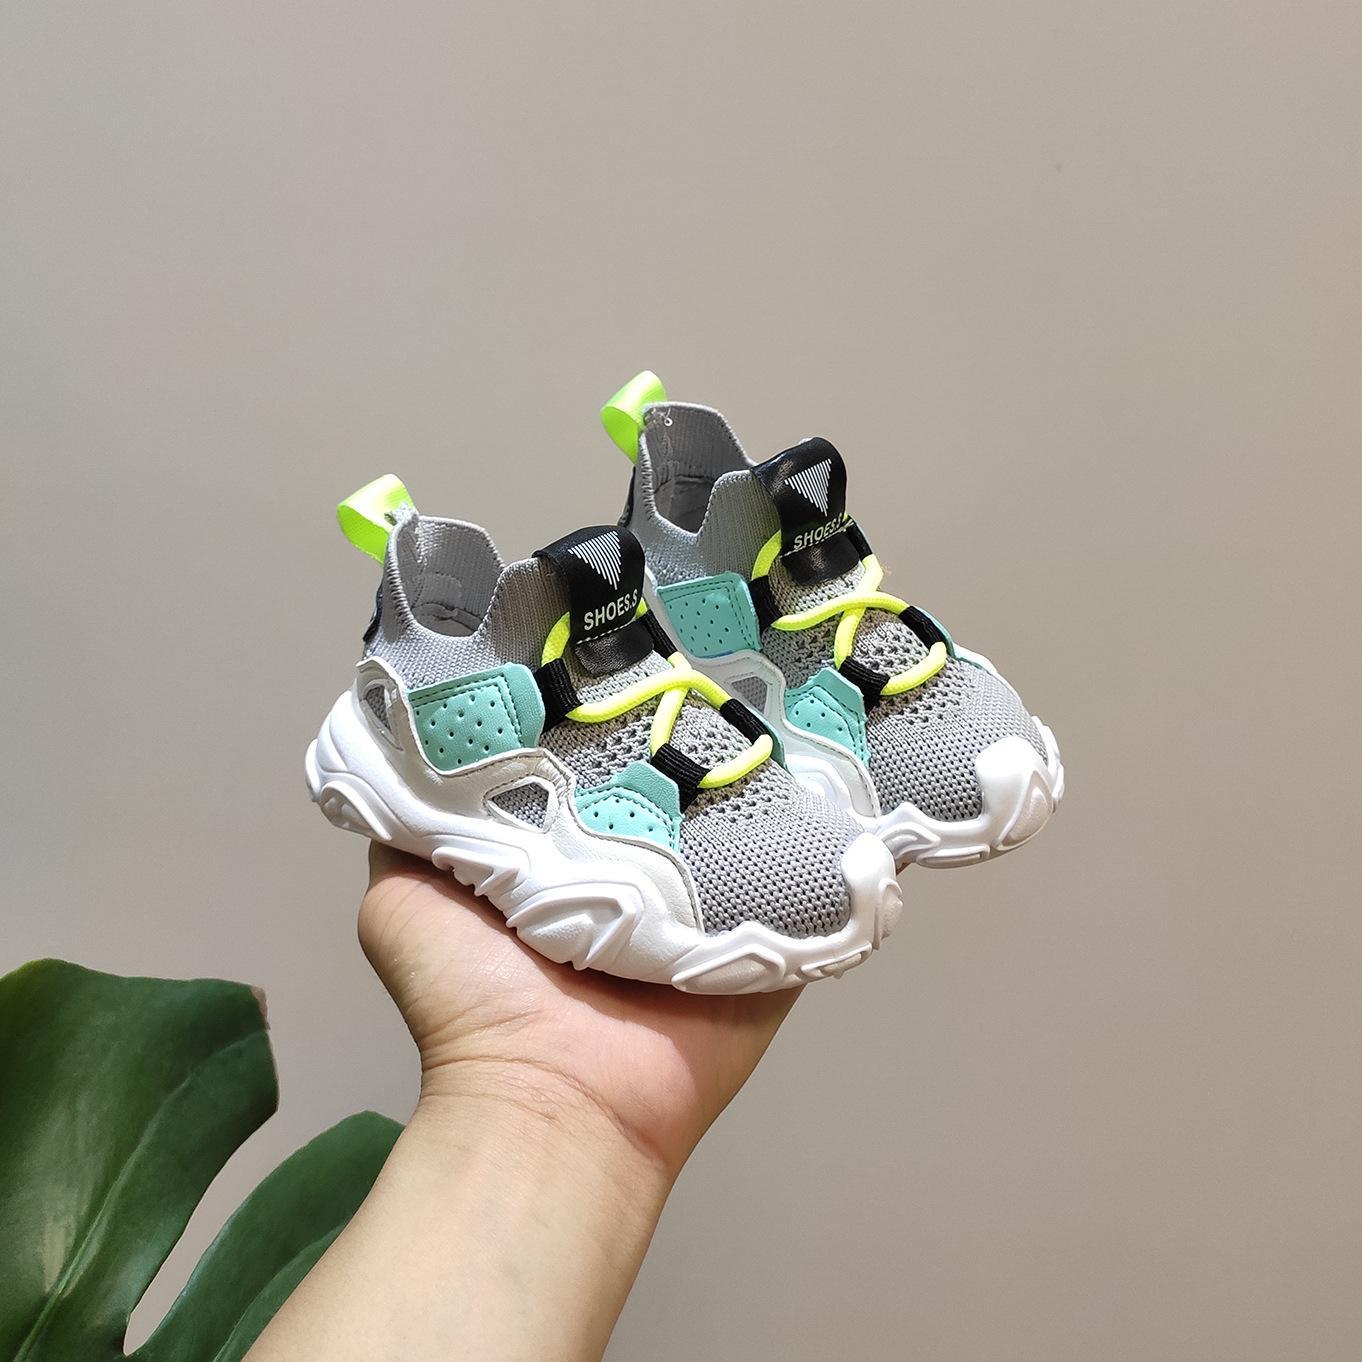 Chaussures bébé 2020 Automne enfants volant Set Tissé de Pieds Chaussures de course 1-3 Ans Baby Soft Soles Chaussures enfant en bas âge